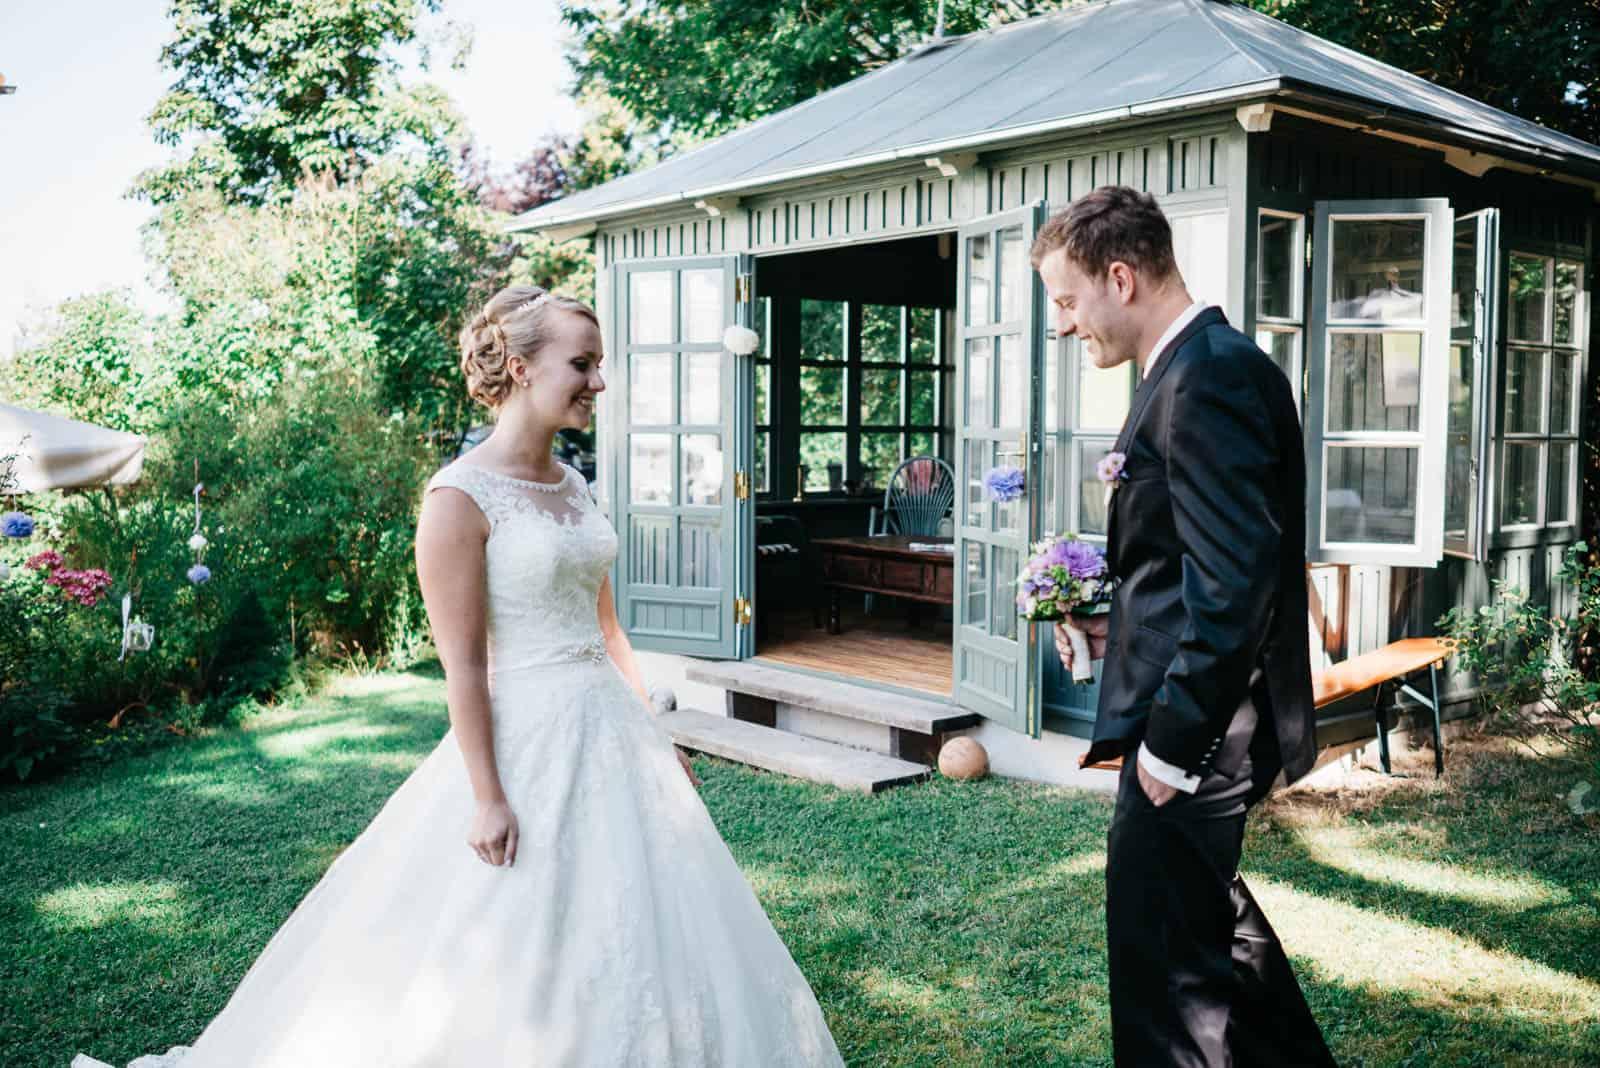 Wedding_Photography_030